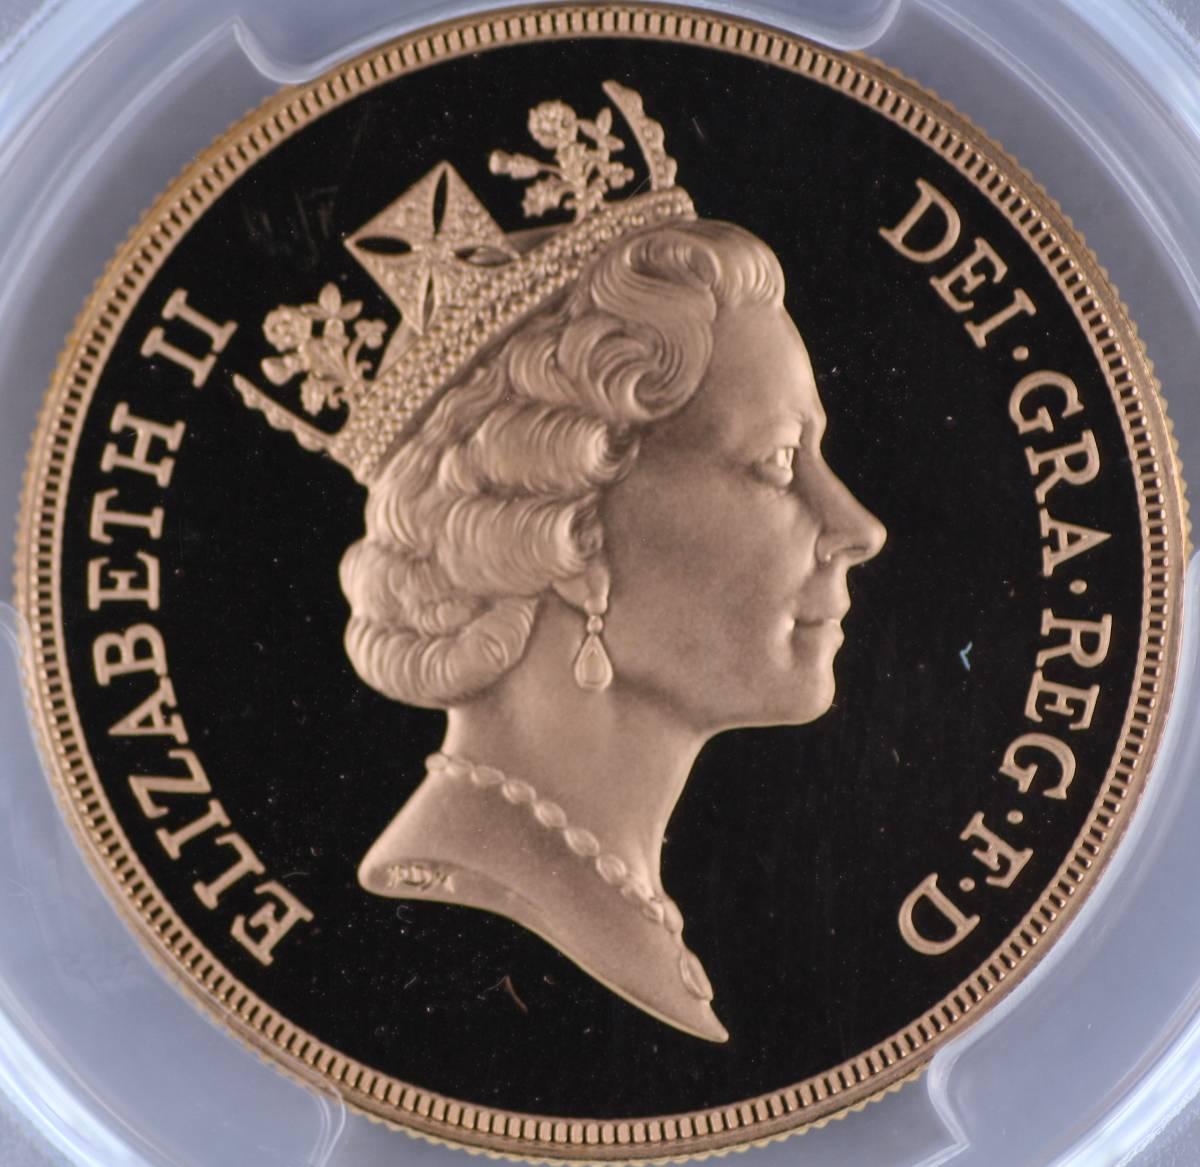 イギリス 5ポンド金貨 プルーフ 1996年 エリザベス2世 セントジョージ PR69 DEEP CAMEO PCGS 大型金貨 重量金貨 ずっしりくる重さ